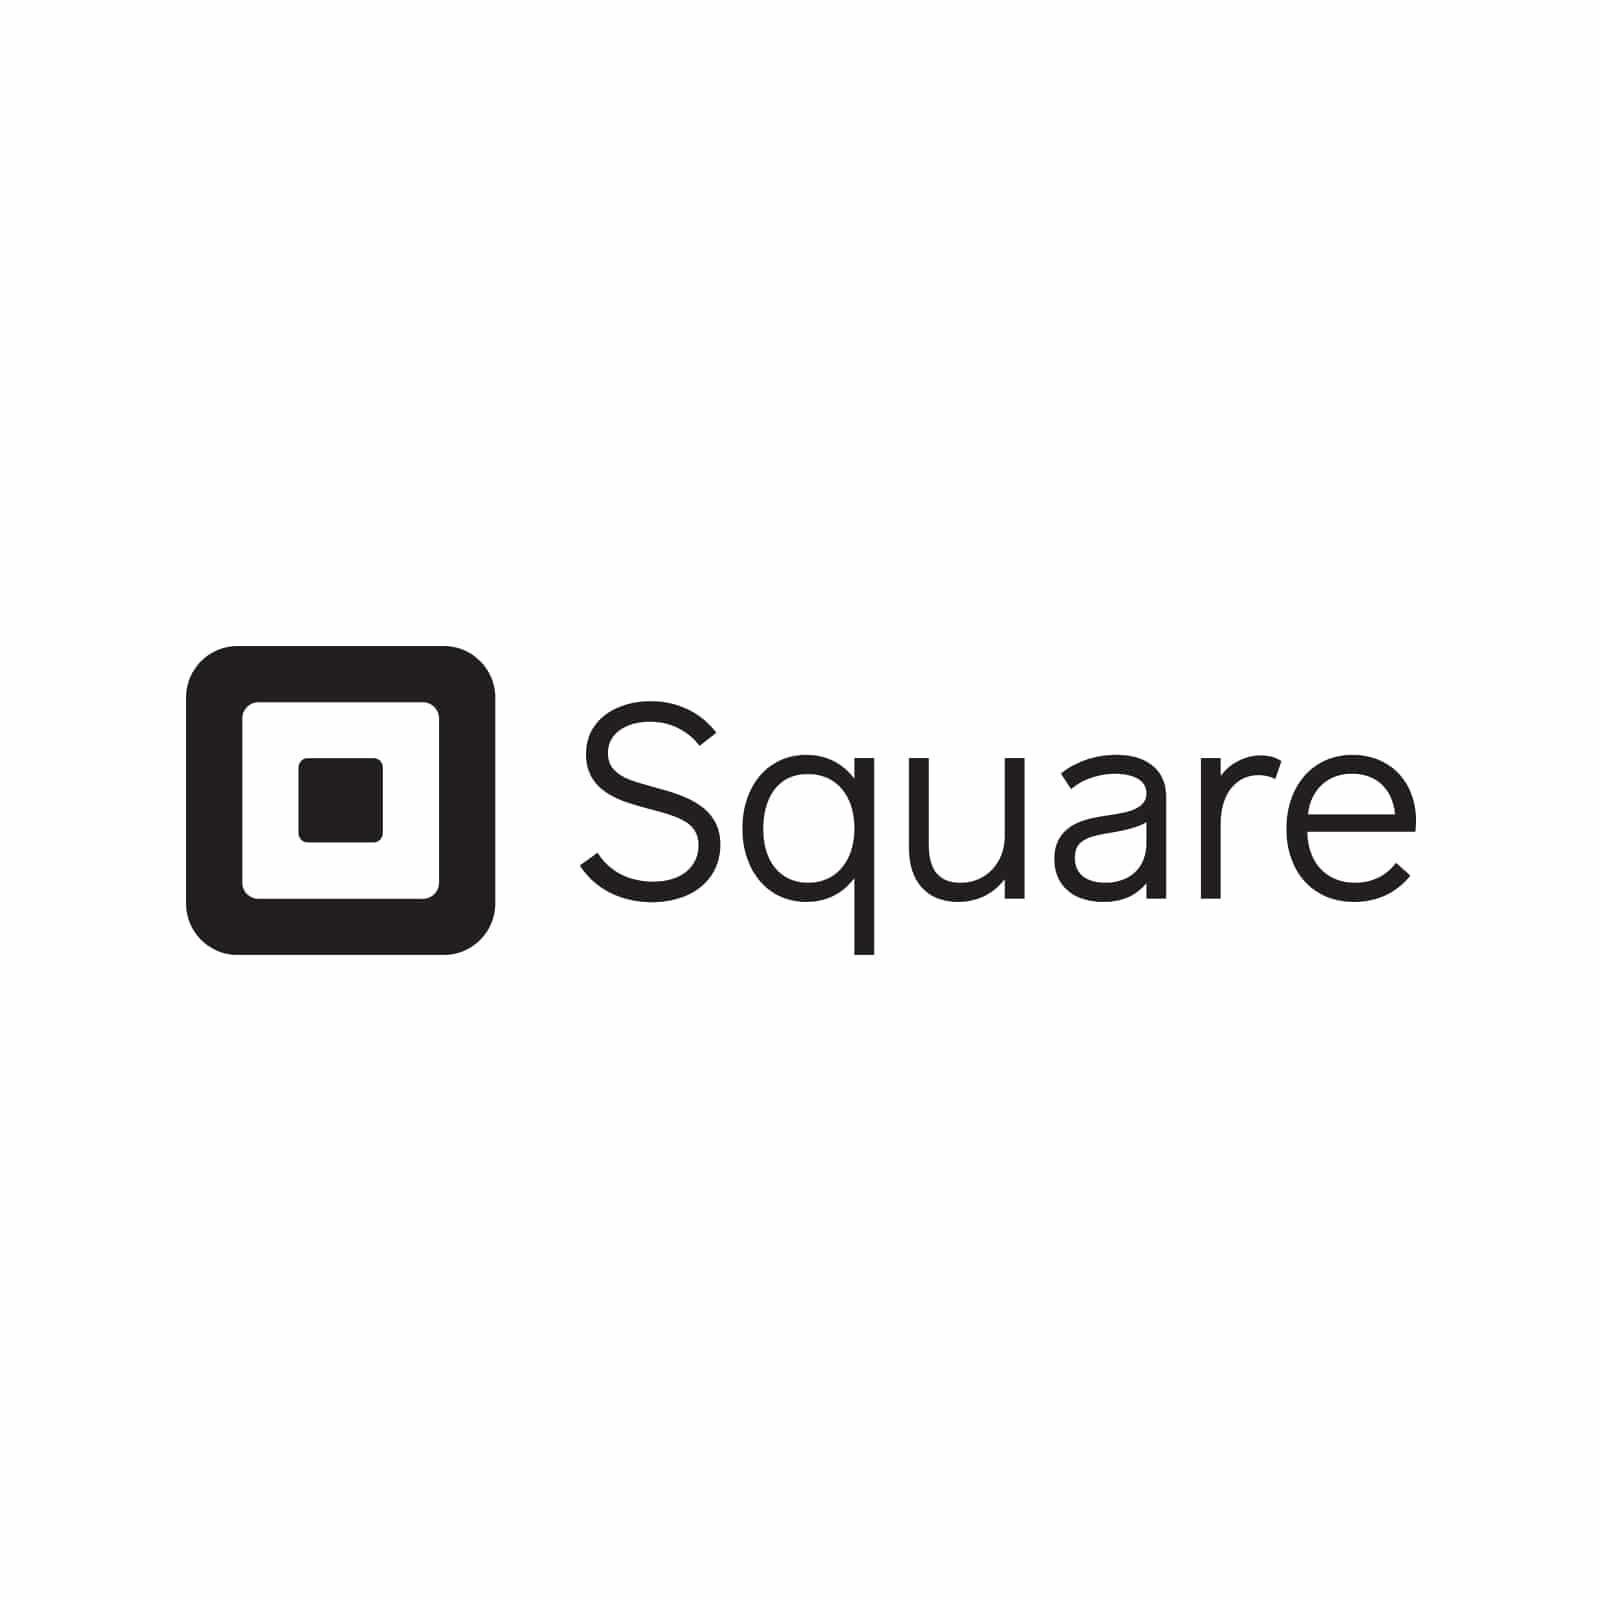 Square Inc 2ndvote